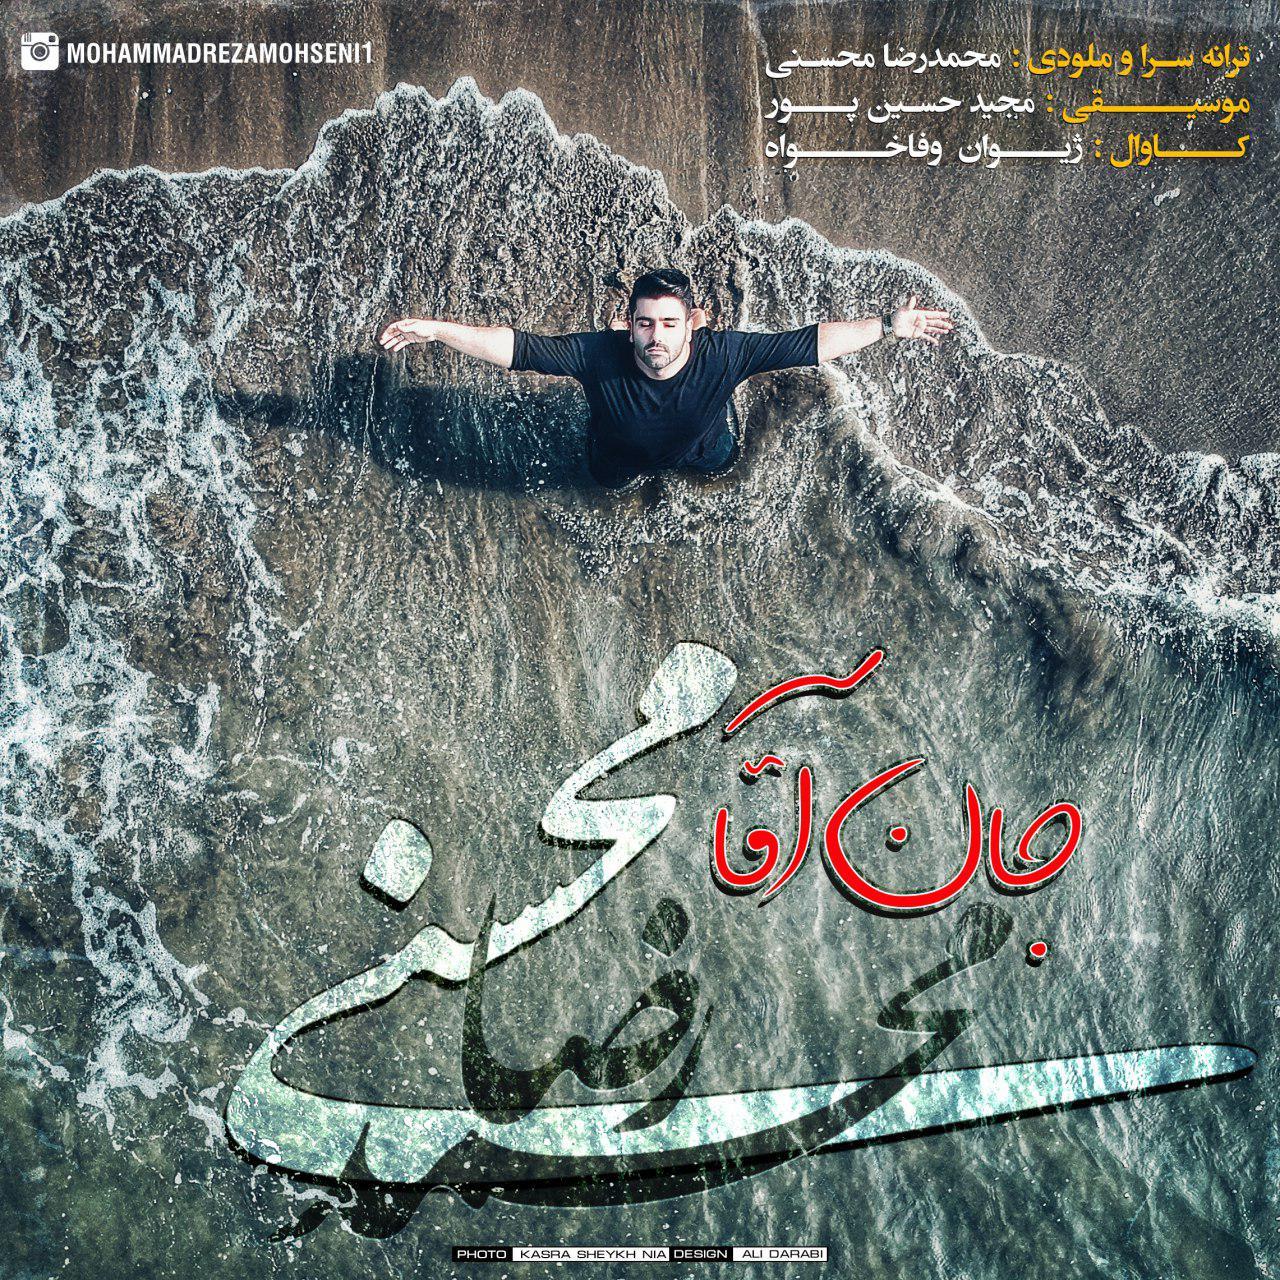 دانلود آهنگ جدید محمدرضا محسنی به نام جان آقا